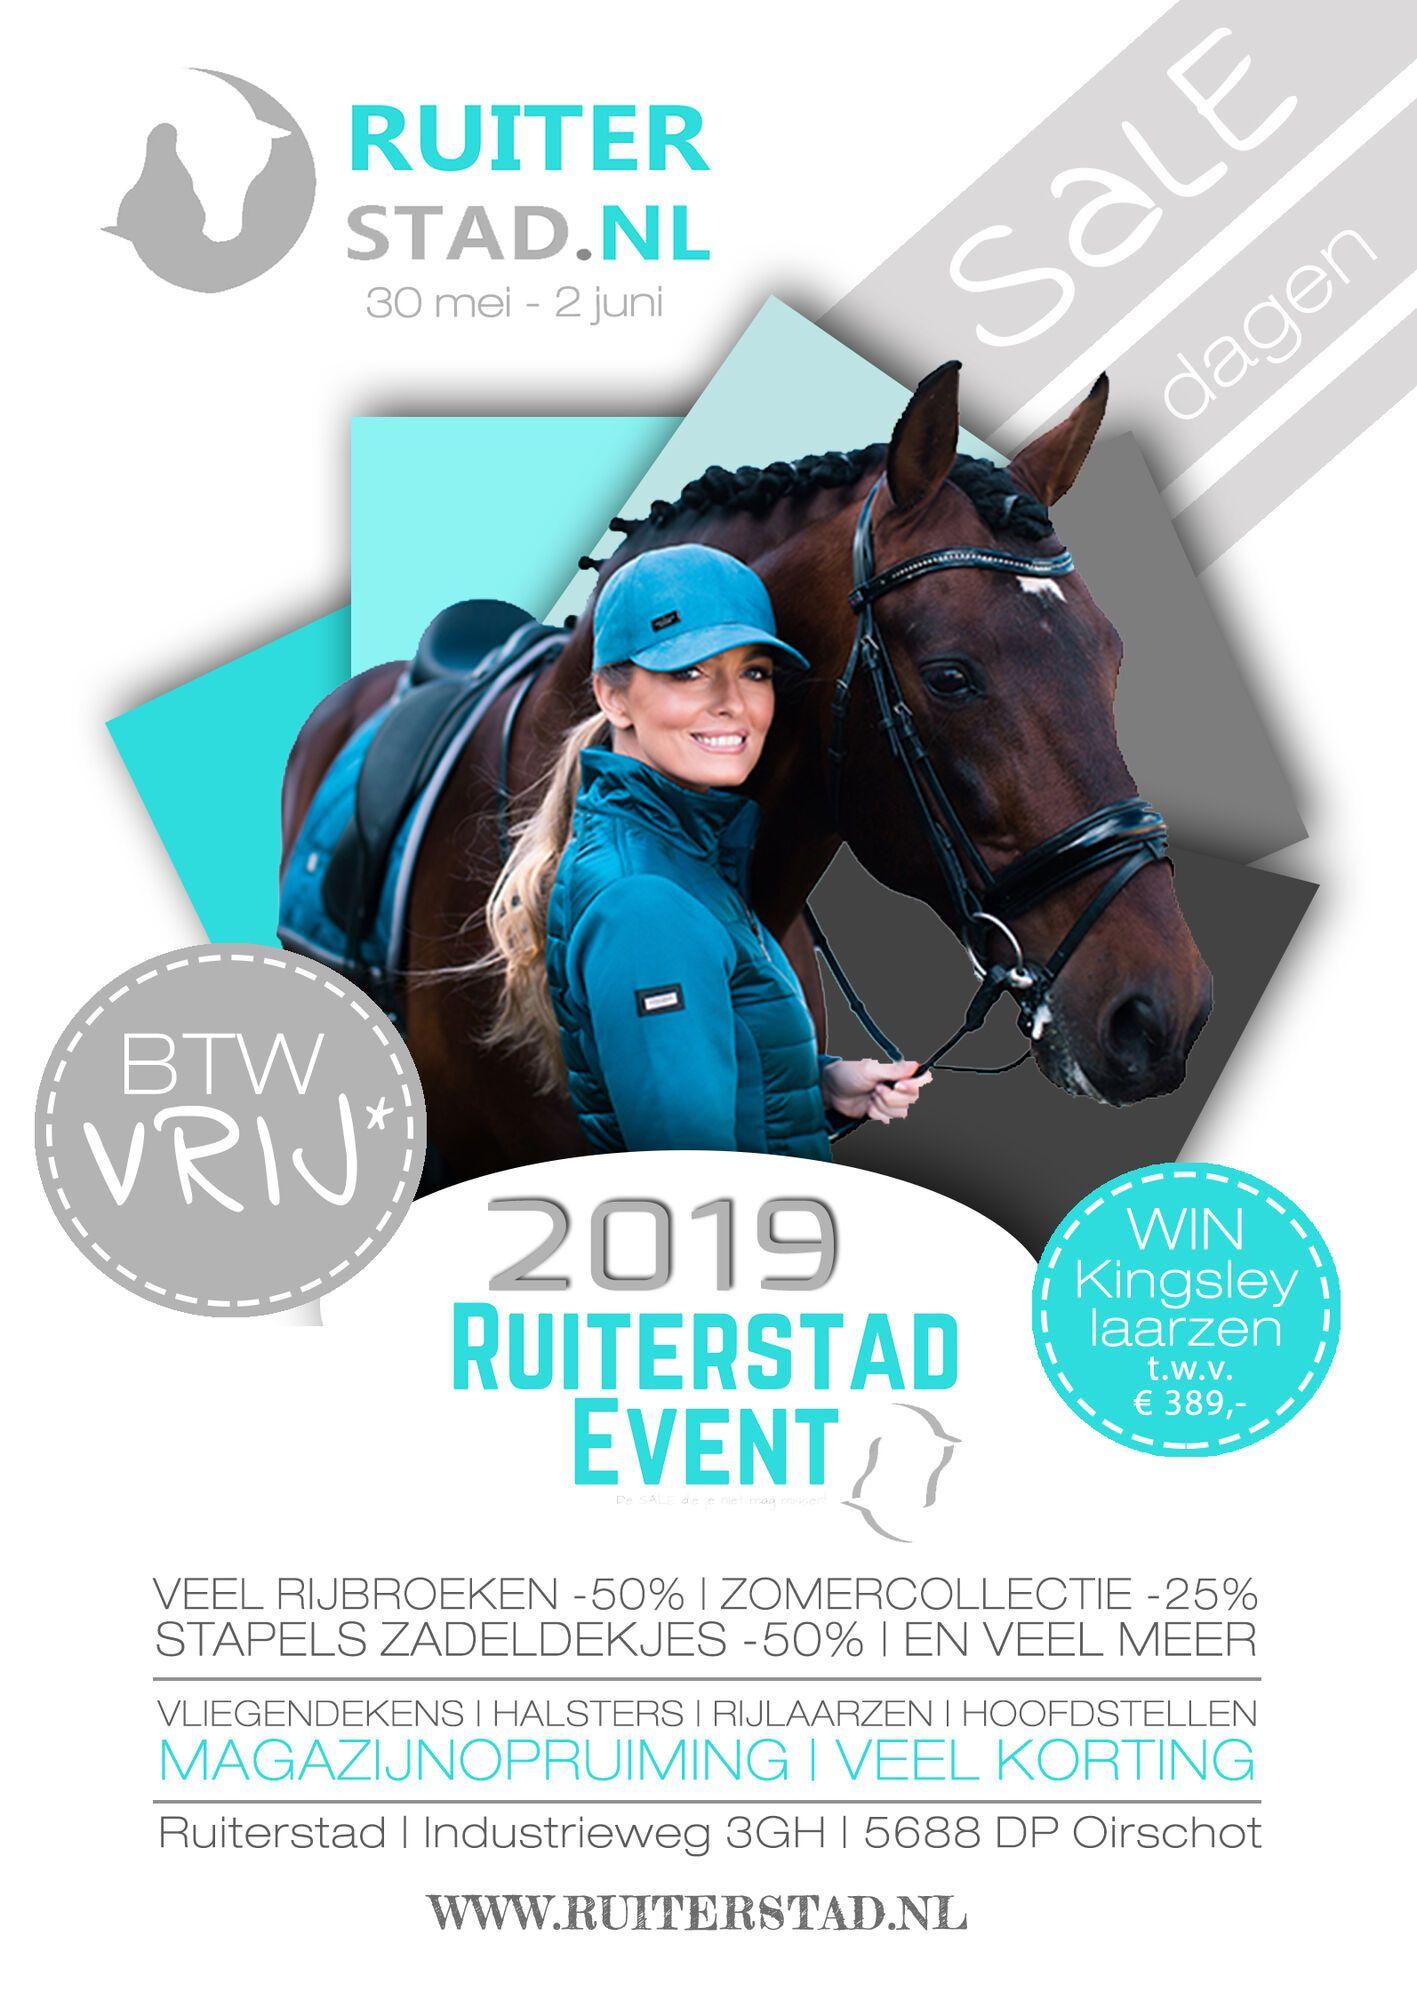 Ruiterstad Event 2019